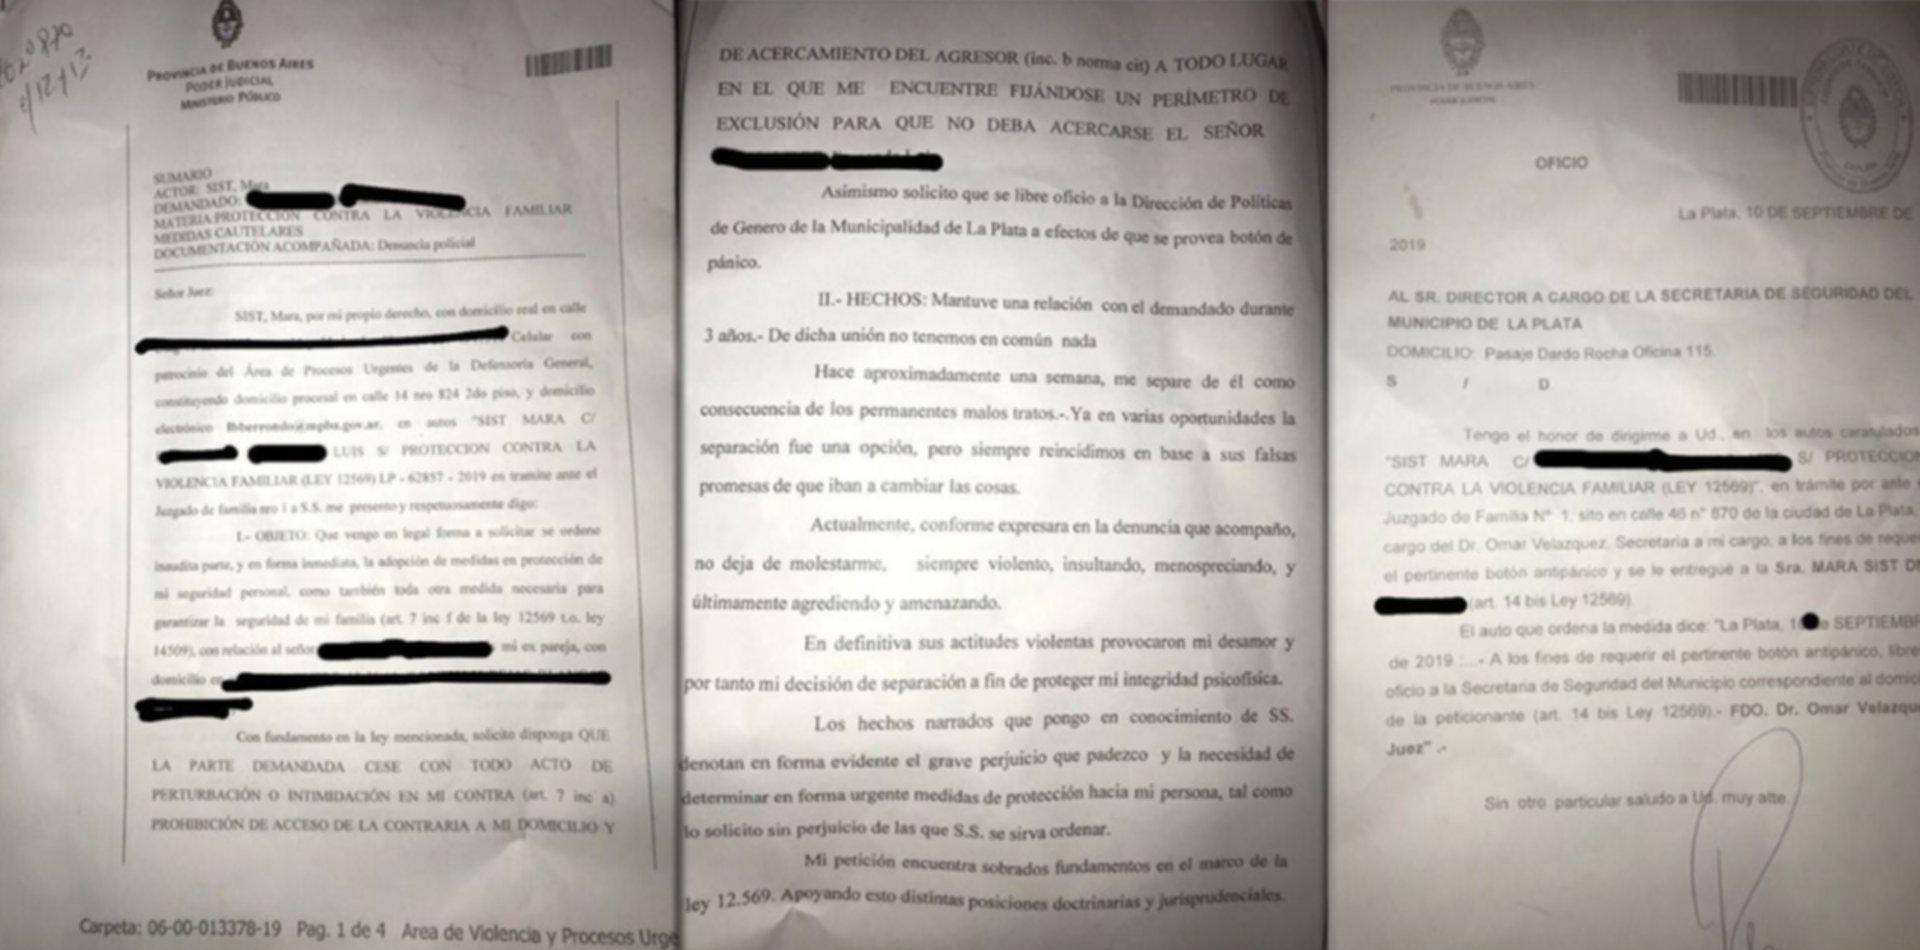 Empujones, amenazas y violencia: la denuncia que tenía uno de los rugbiers de Universitario